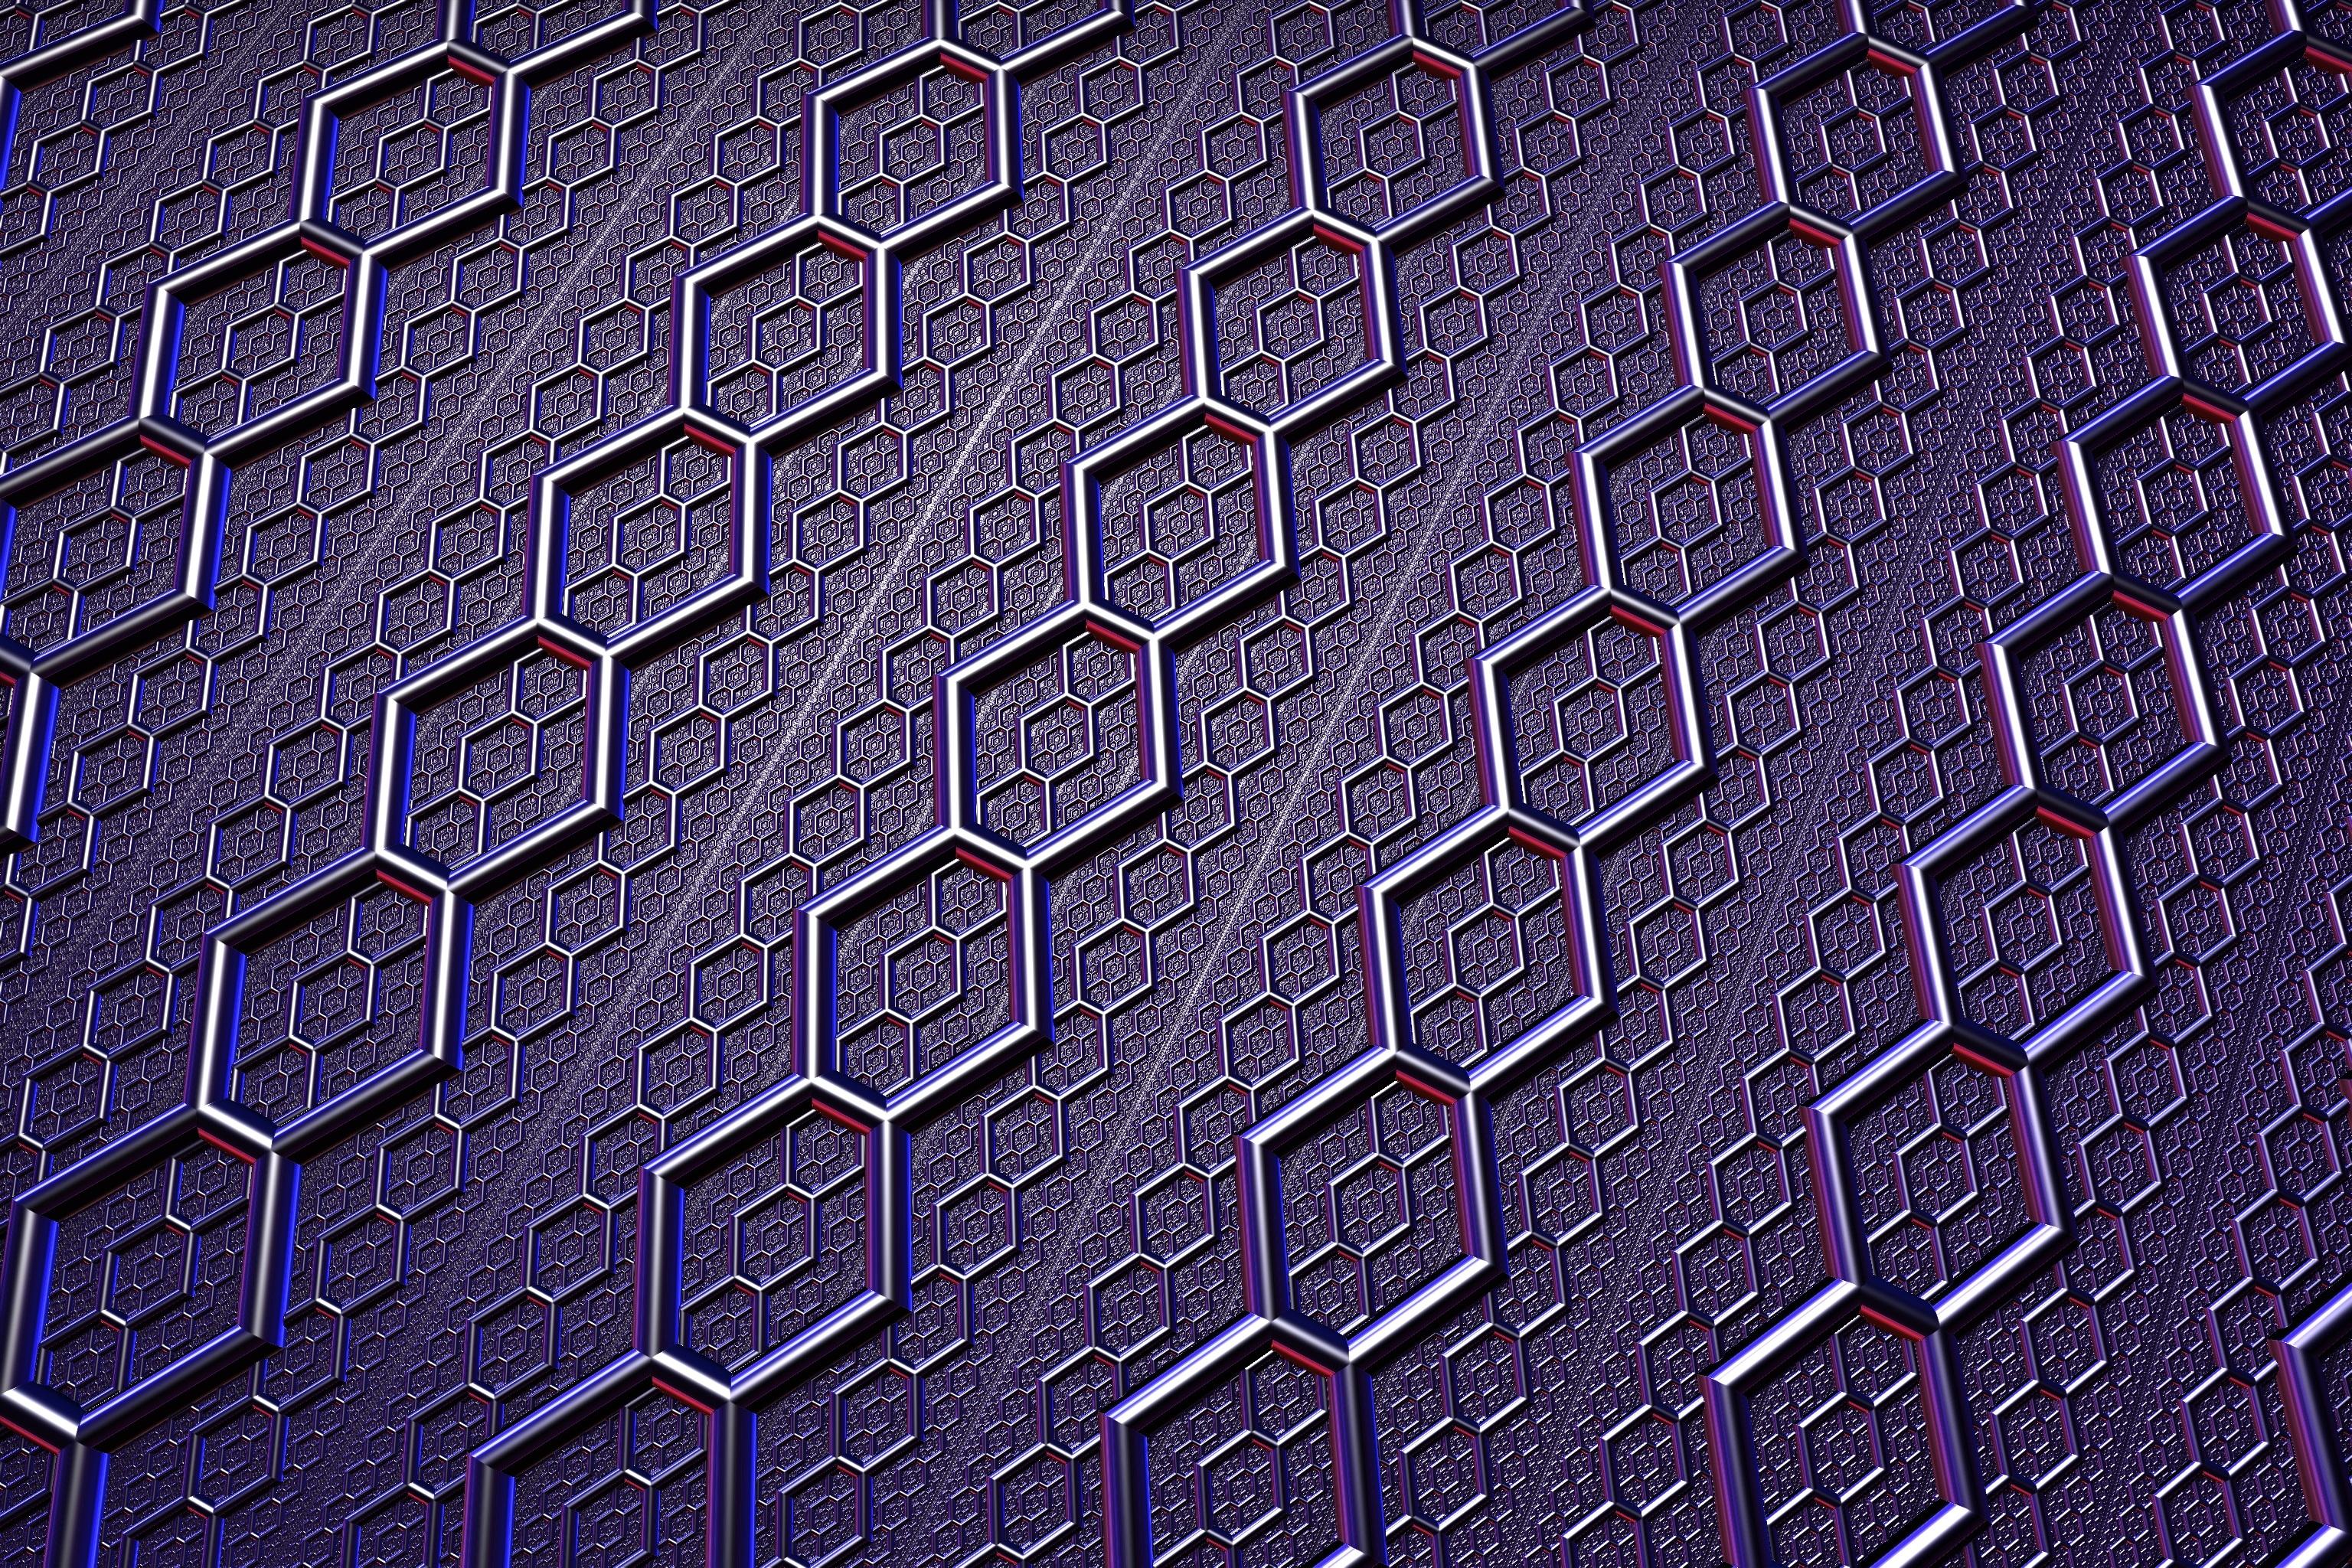 64942 Protetores de tela e papéis de parede Metal em seu telefone. Baixe Brilho, Brilhar, Textura, Texturas, Superfície, Metal, Metálico, Hexágonos, Hexagonais fotos gratuitamente